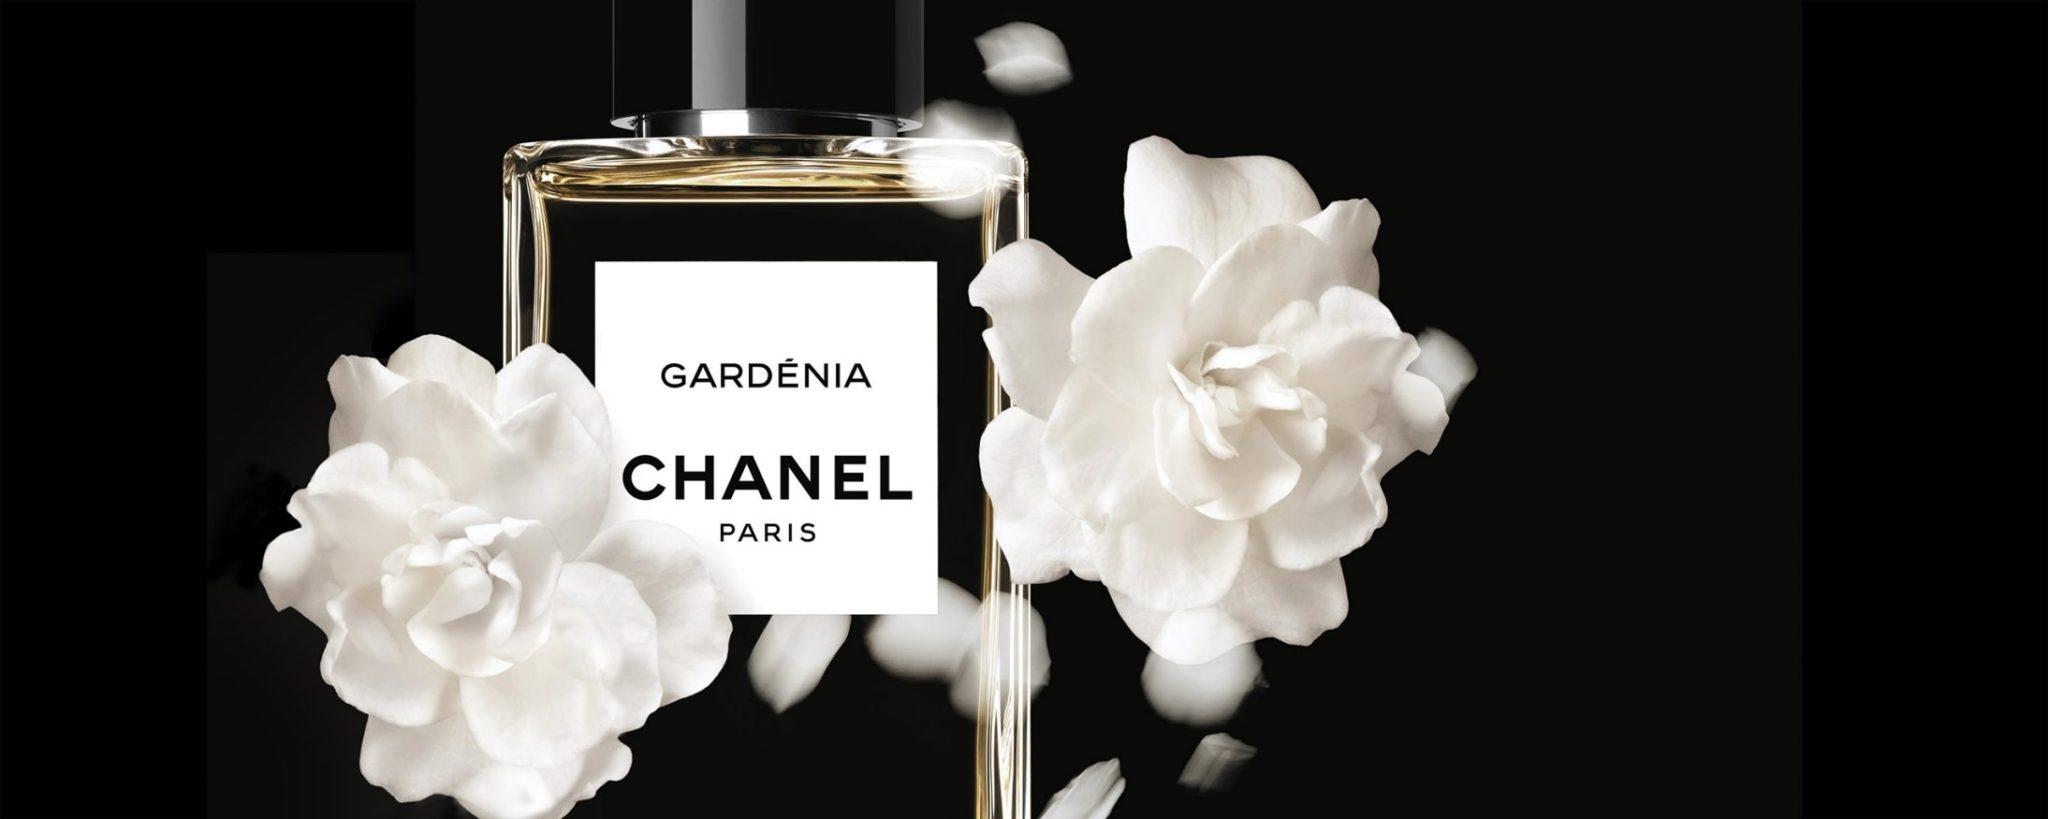 Chanel Les Exclusifs Gardenia eau de parfum Esprit de Gabrielle jeronimodiparigi-dev-esprit-de-gabrielle.pf1.wpserveur.net